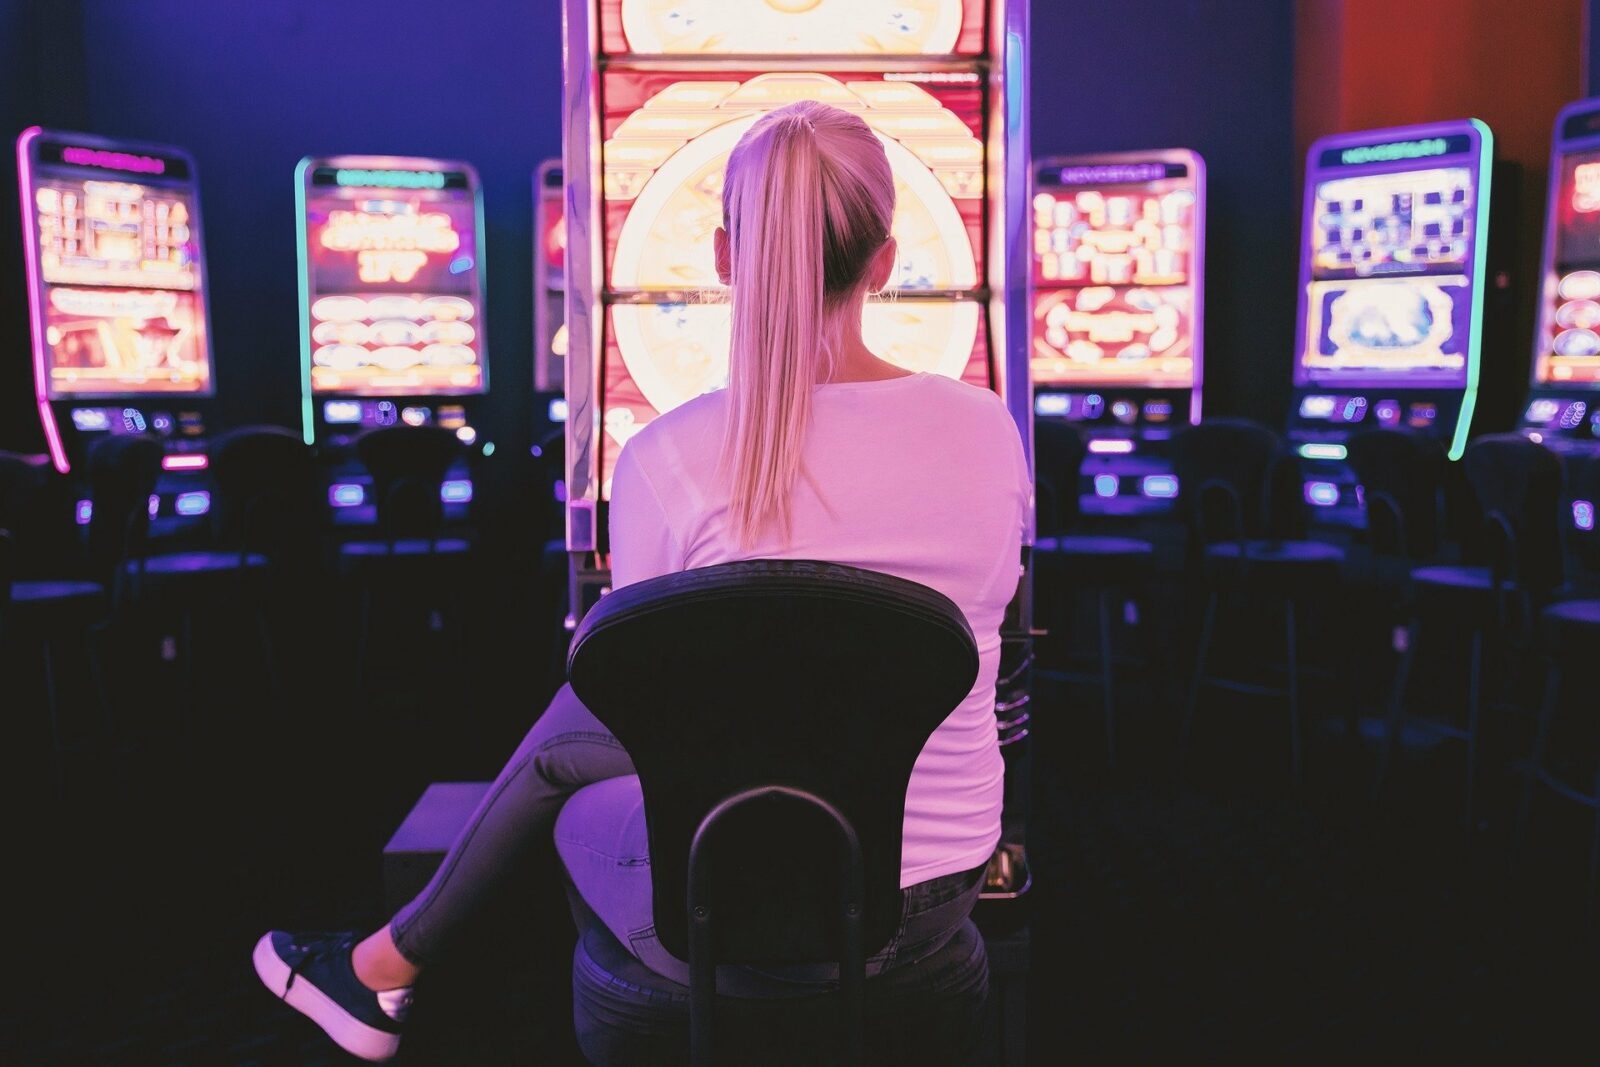 femme devant des jeux de hasard